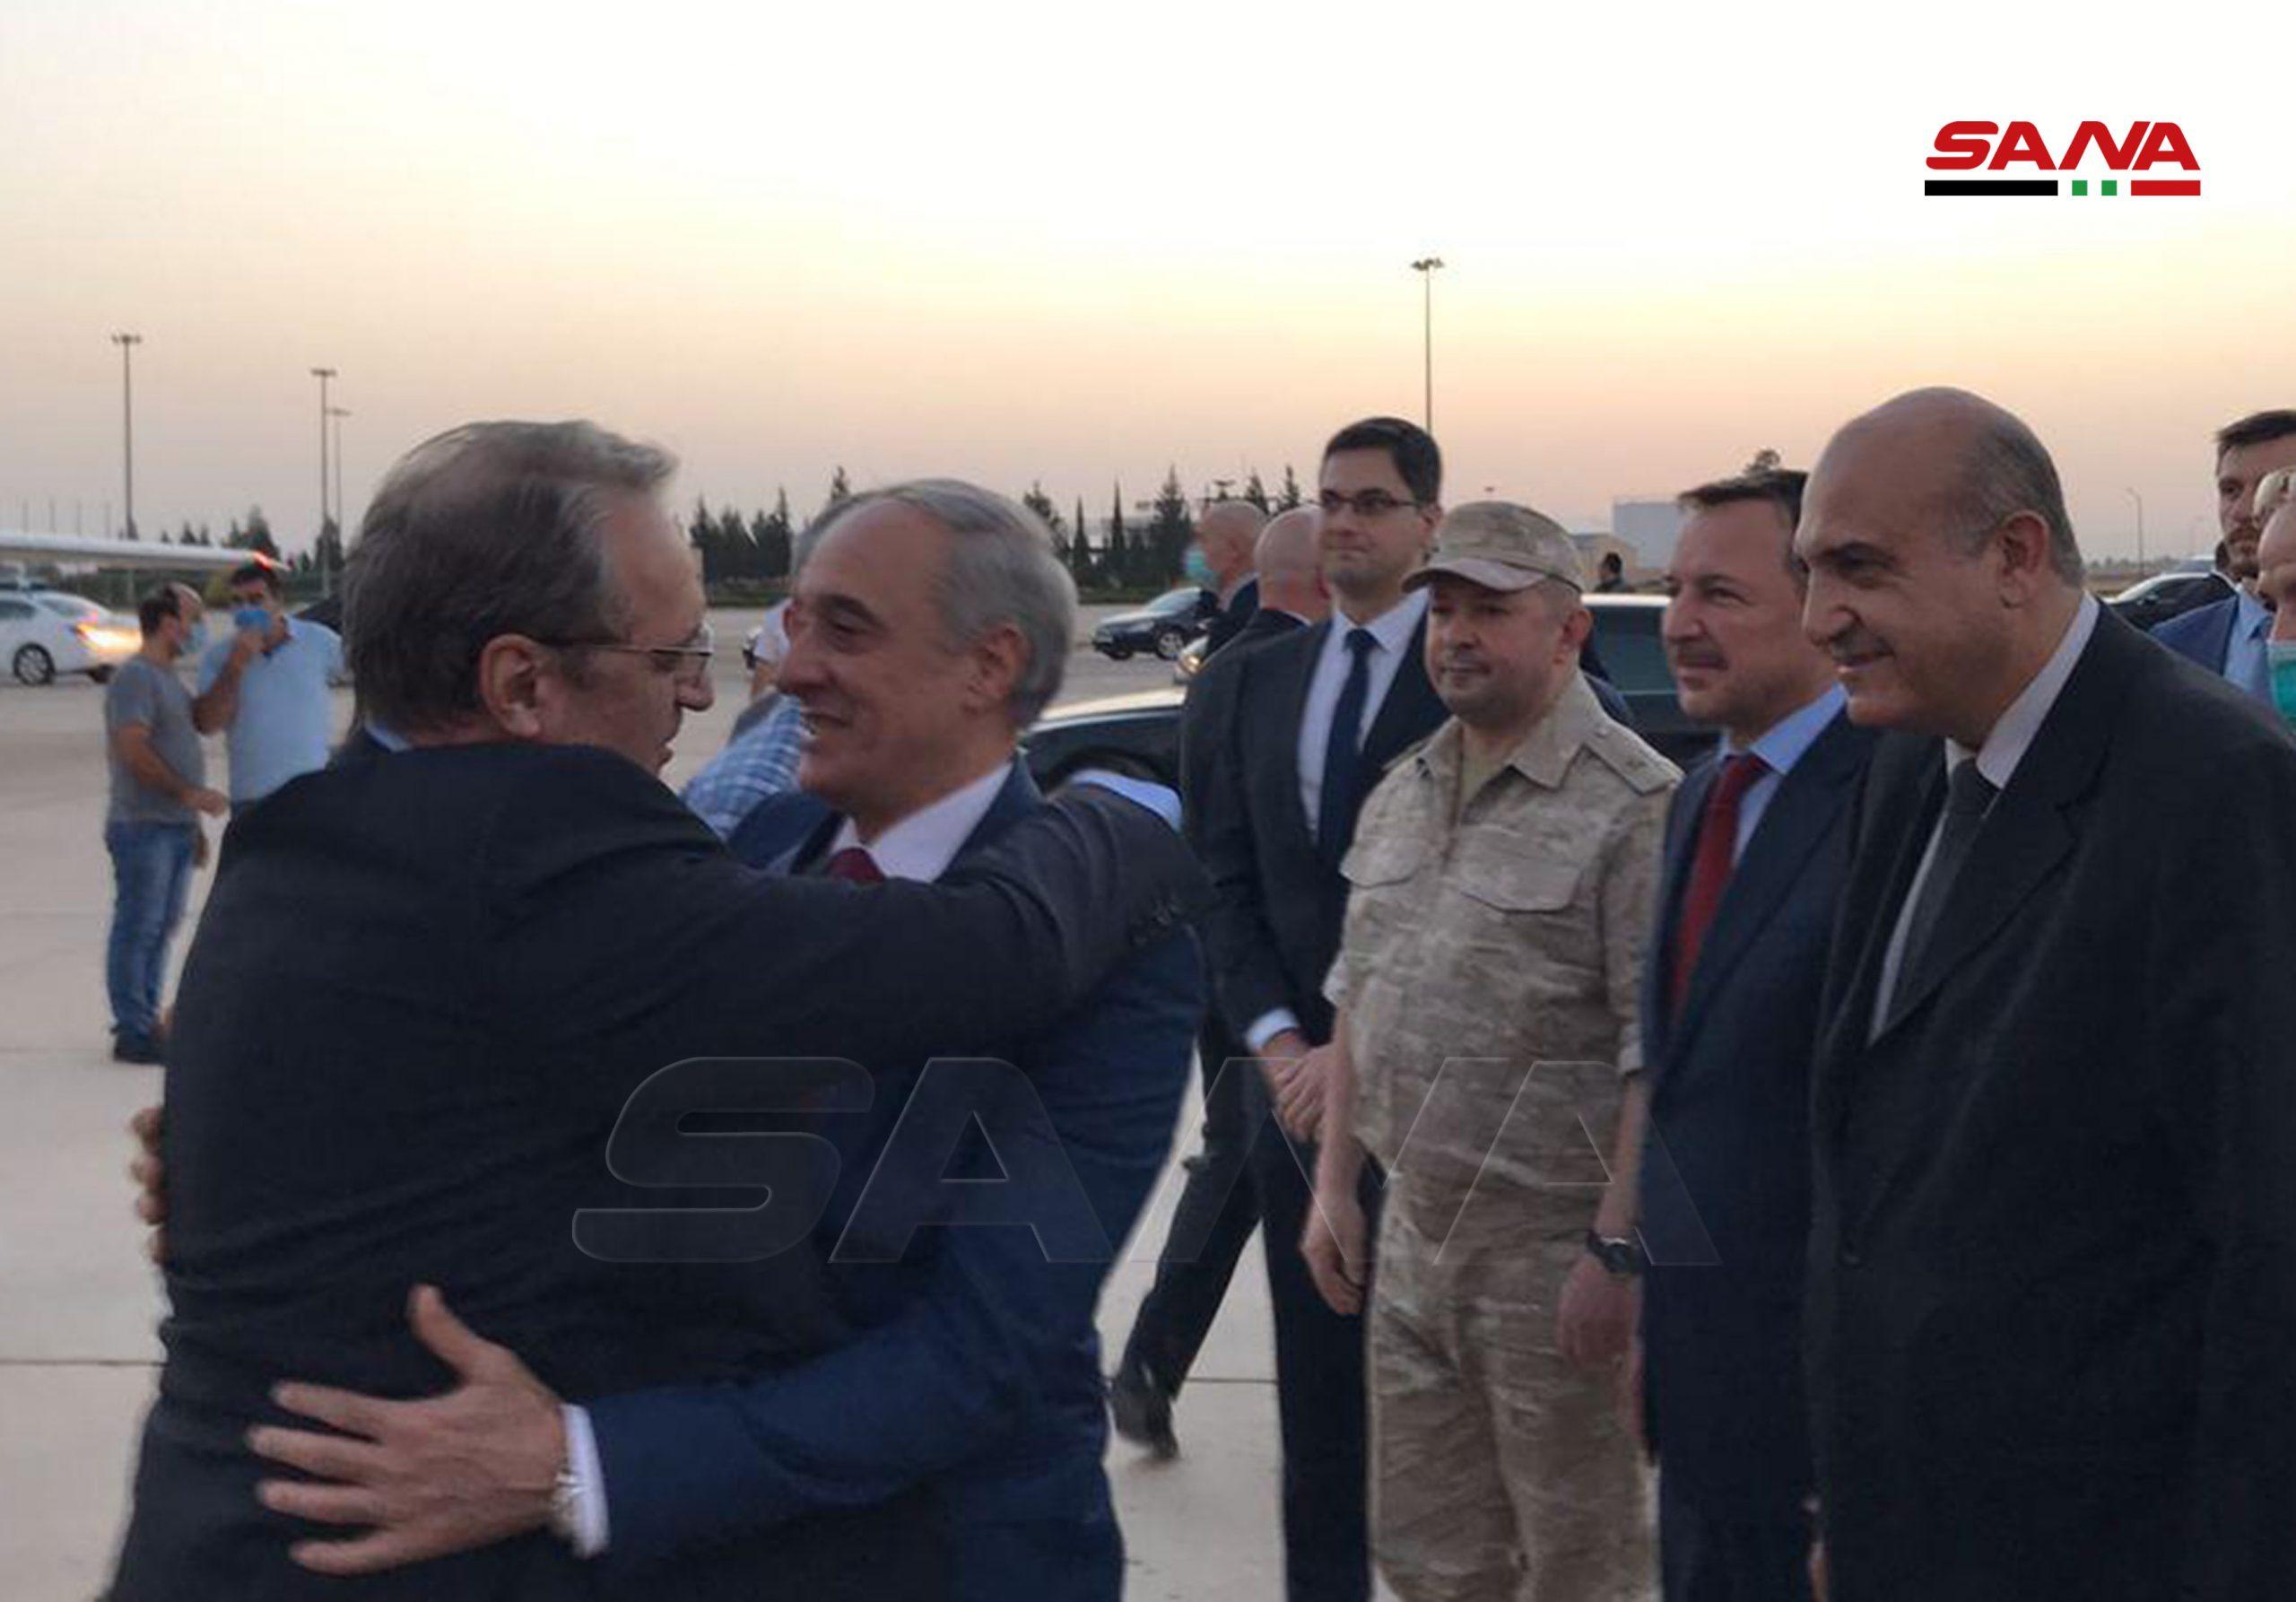 """شاهد (بالأسماء)   وفد روسي رفيع يصل دمشق لمقابلة الأسد وحكومته.. وهذه محاور الزيارة """"المفصلية"""""""